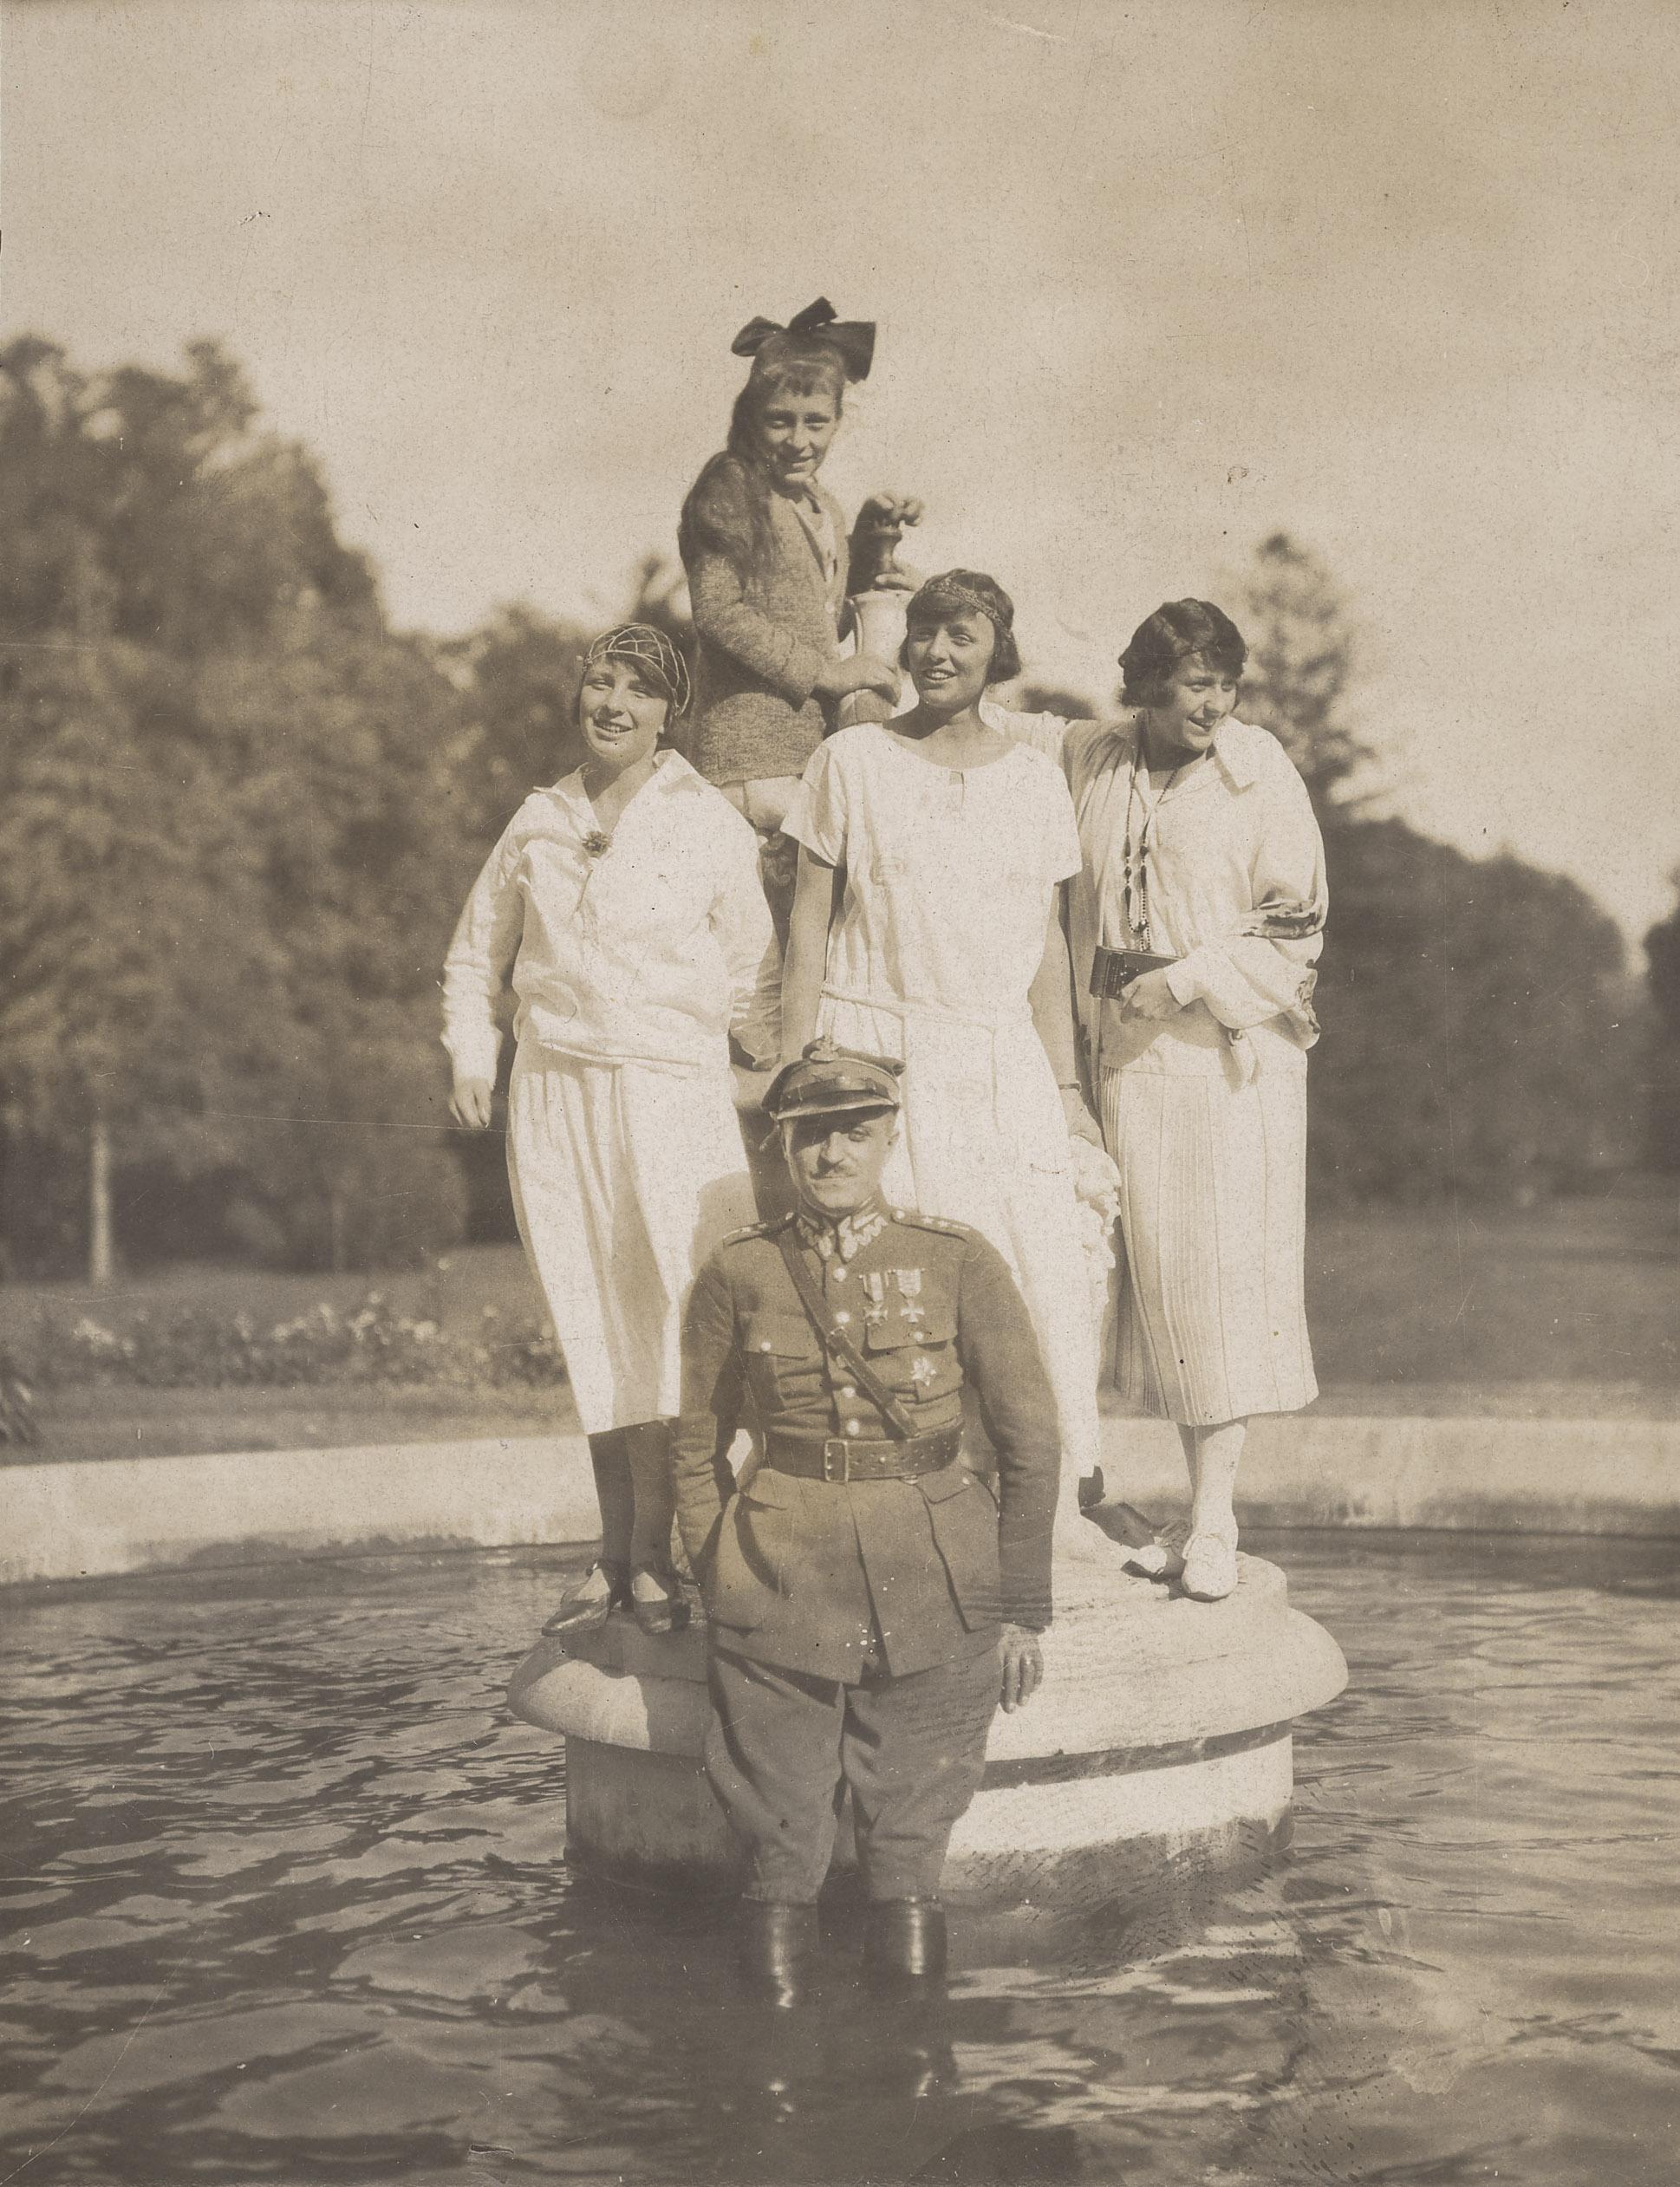 Czarno-biała fotografia. Aleksander Zamoyski z żoną Jadwigą i jej siostrami: Izabelą, Różą i Marią. Młodzi ludzie w fontannie. Na pierwszym planie mężczyzna ubrany w mundur stoi w wodzie po kolana. Za nim, stojące na cokole fontanny, trzy kobiety ubrane w jasne, proste sukienki z niskim stanem. Włosy krótkie, ozdobione delikatnymi dodatkami. Za nimi, stojąca najwyżej najmłodsza kobieta ubrana w sweter. W długie włosy wpięta na czubku głowy duża kokarda.